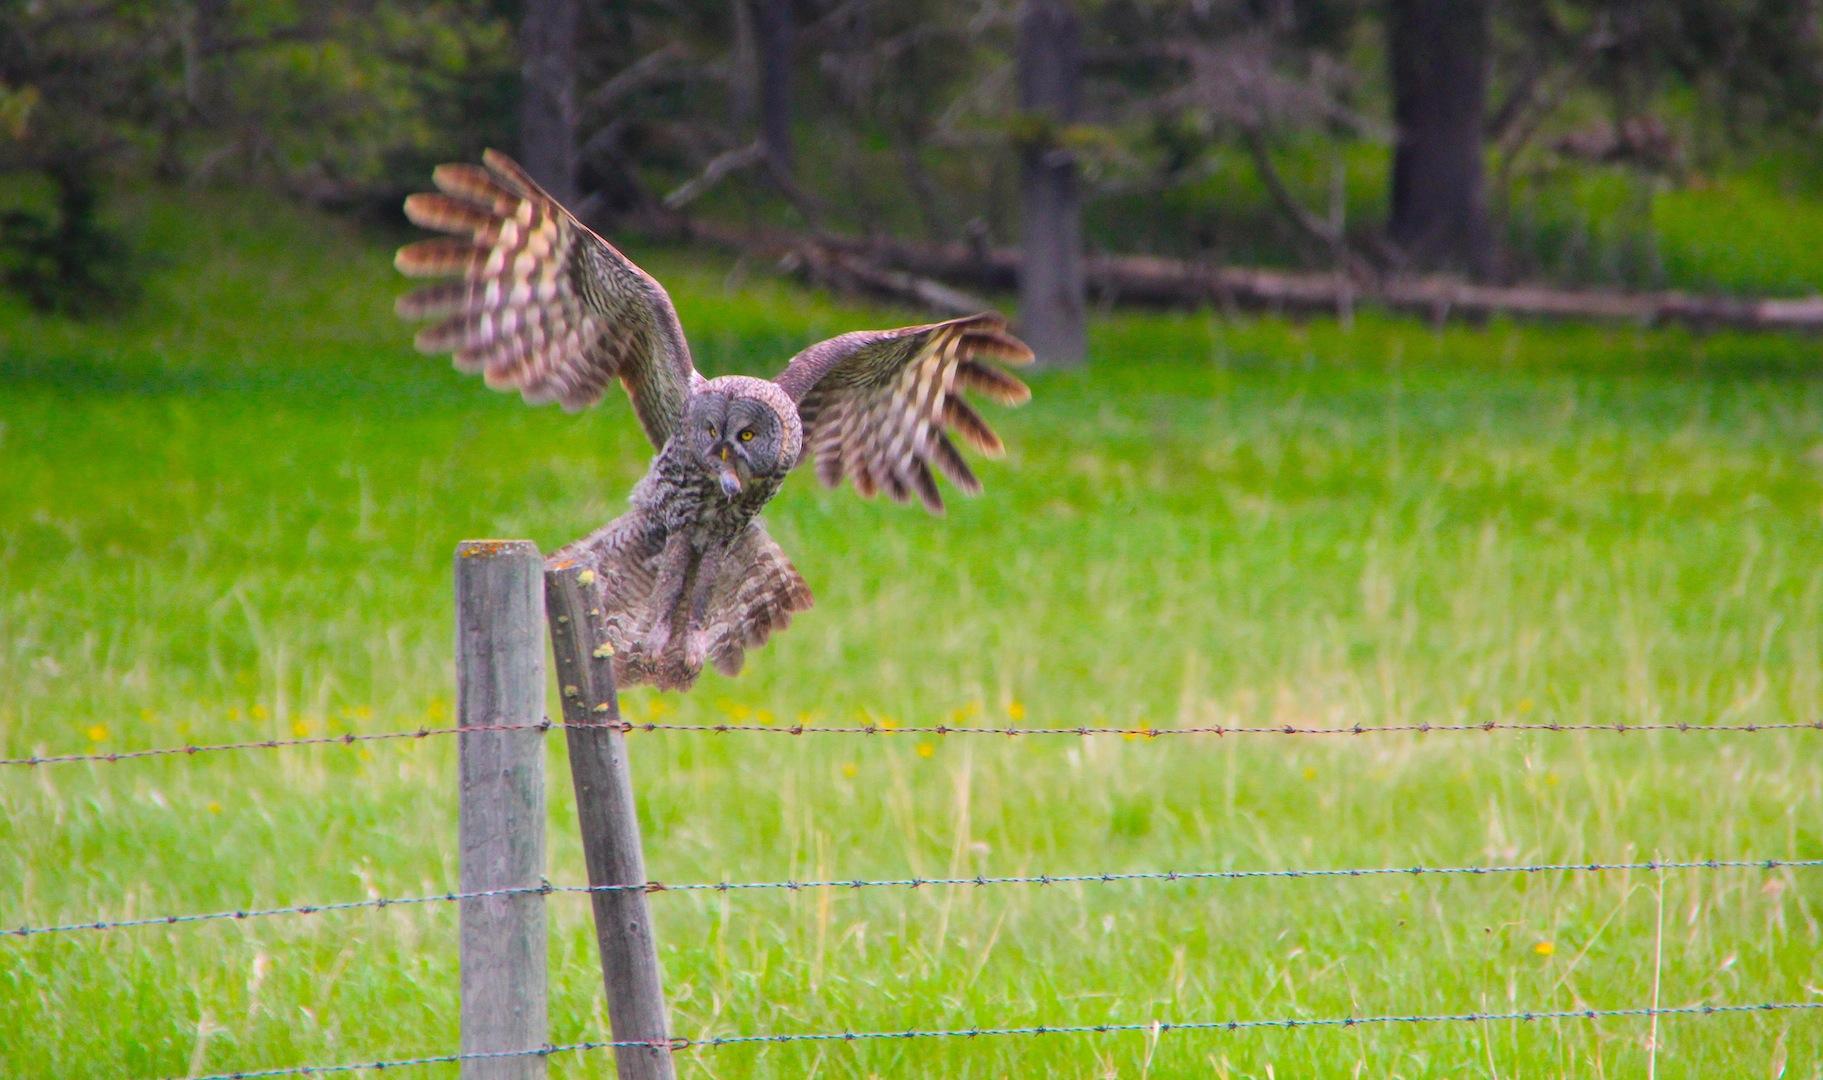 009 - Great Grey Owl